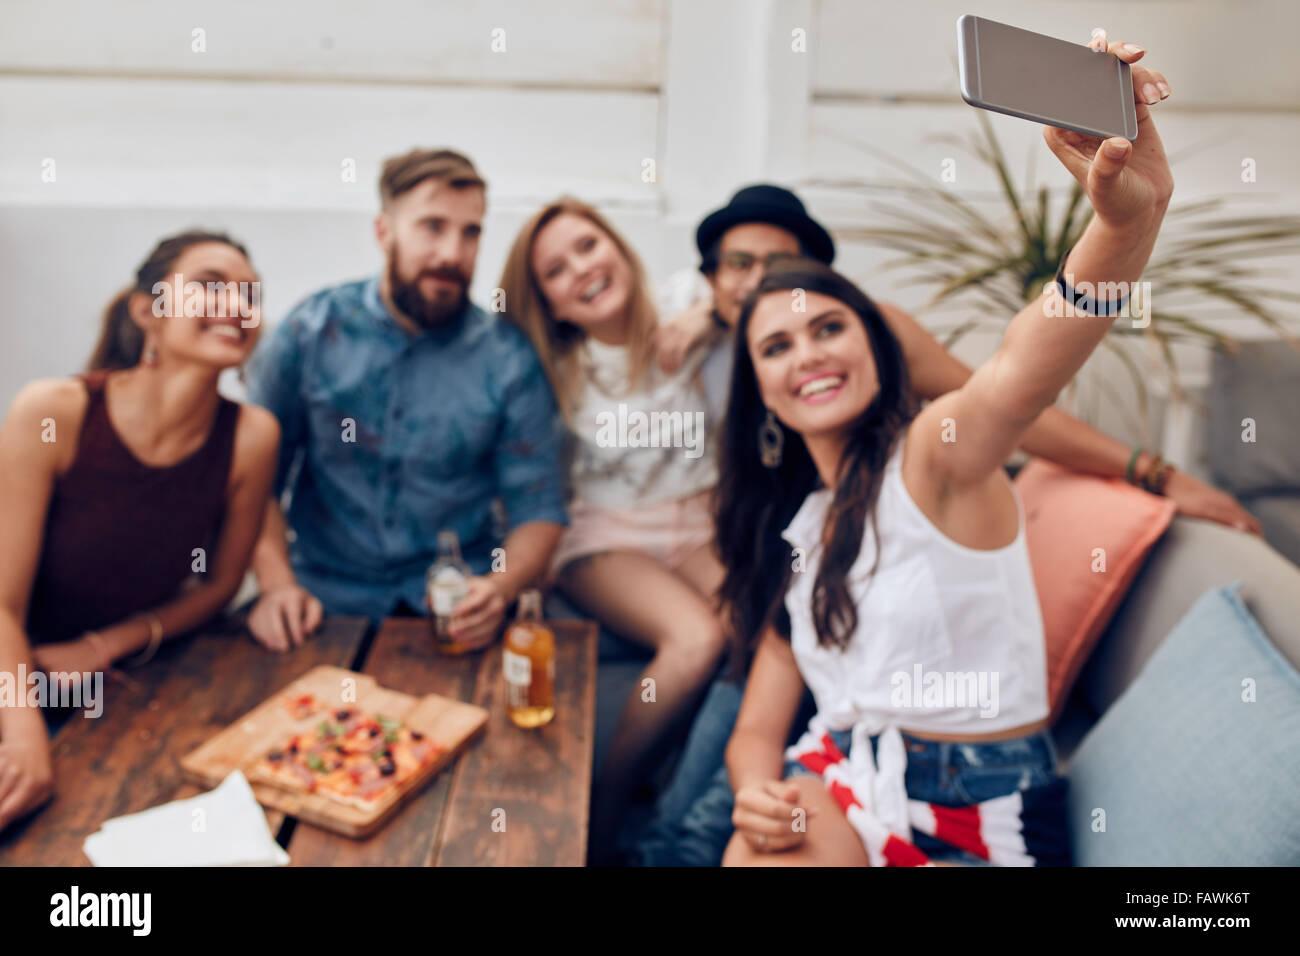 Grupo de Amigos, una fiesta en la azotea haciendo un selfie para recordar este momento perfecto. Felices y alegres Imagen De Stock